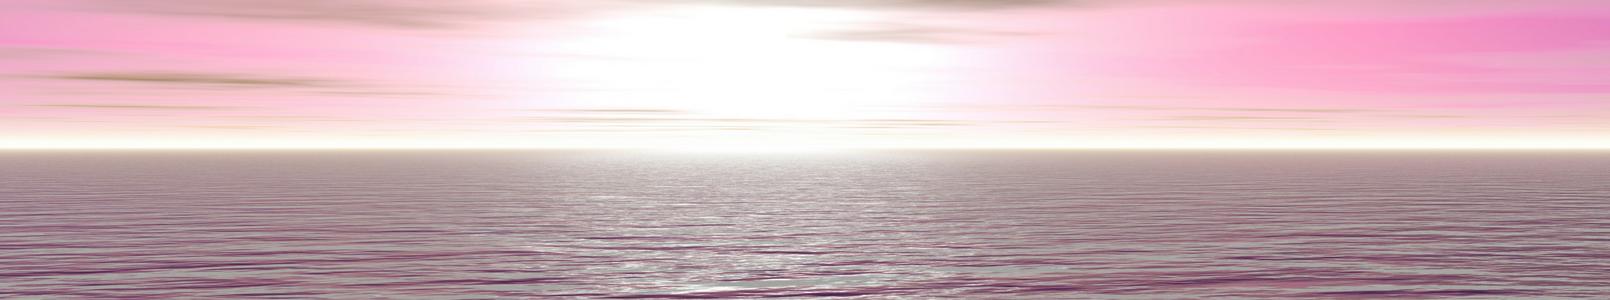 pink sunrise girl power